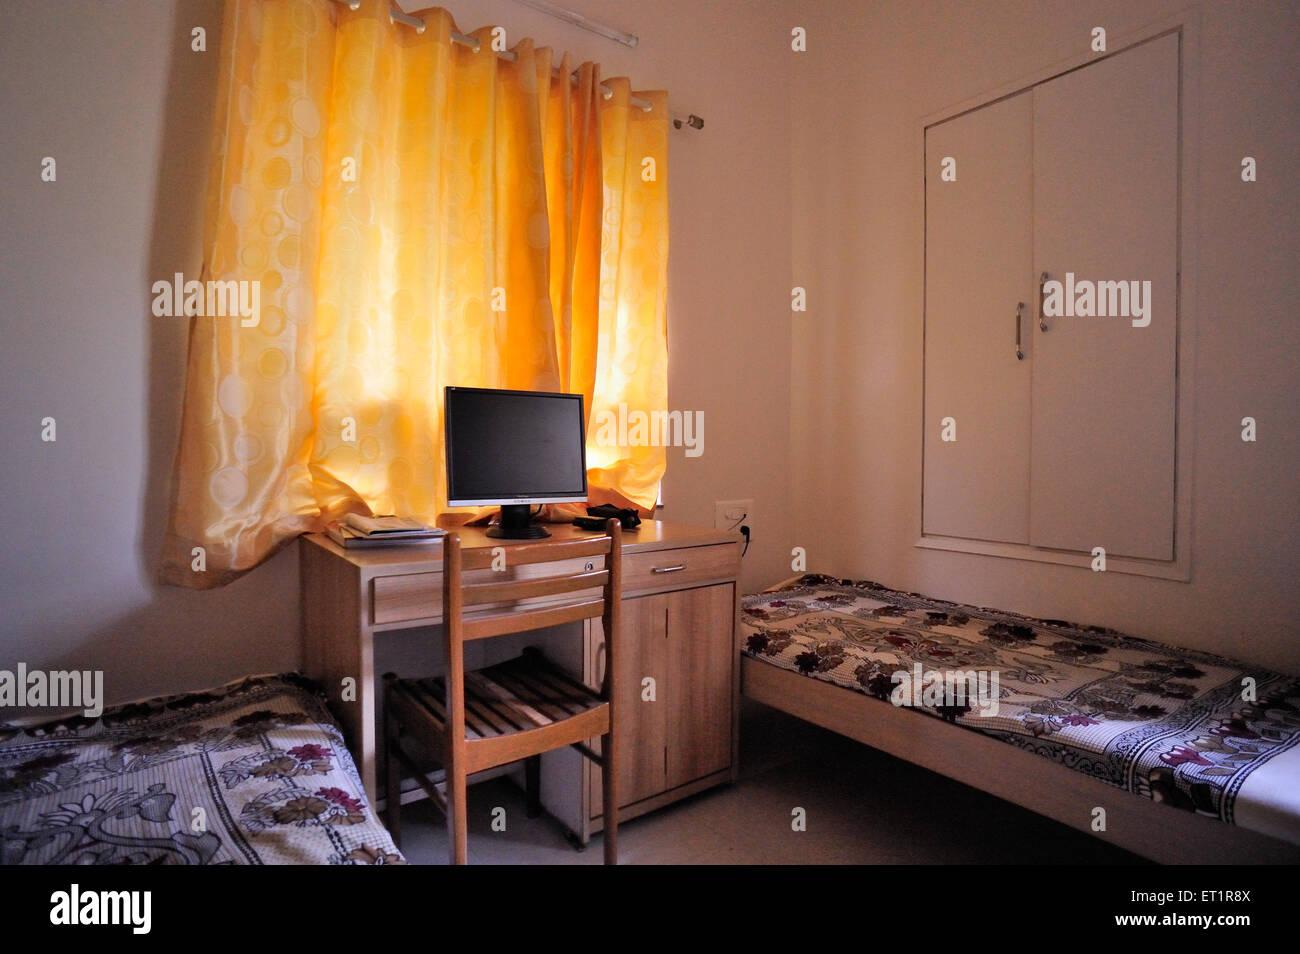 Sala de estudio con cama Imagen De Stock